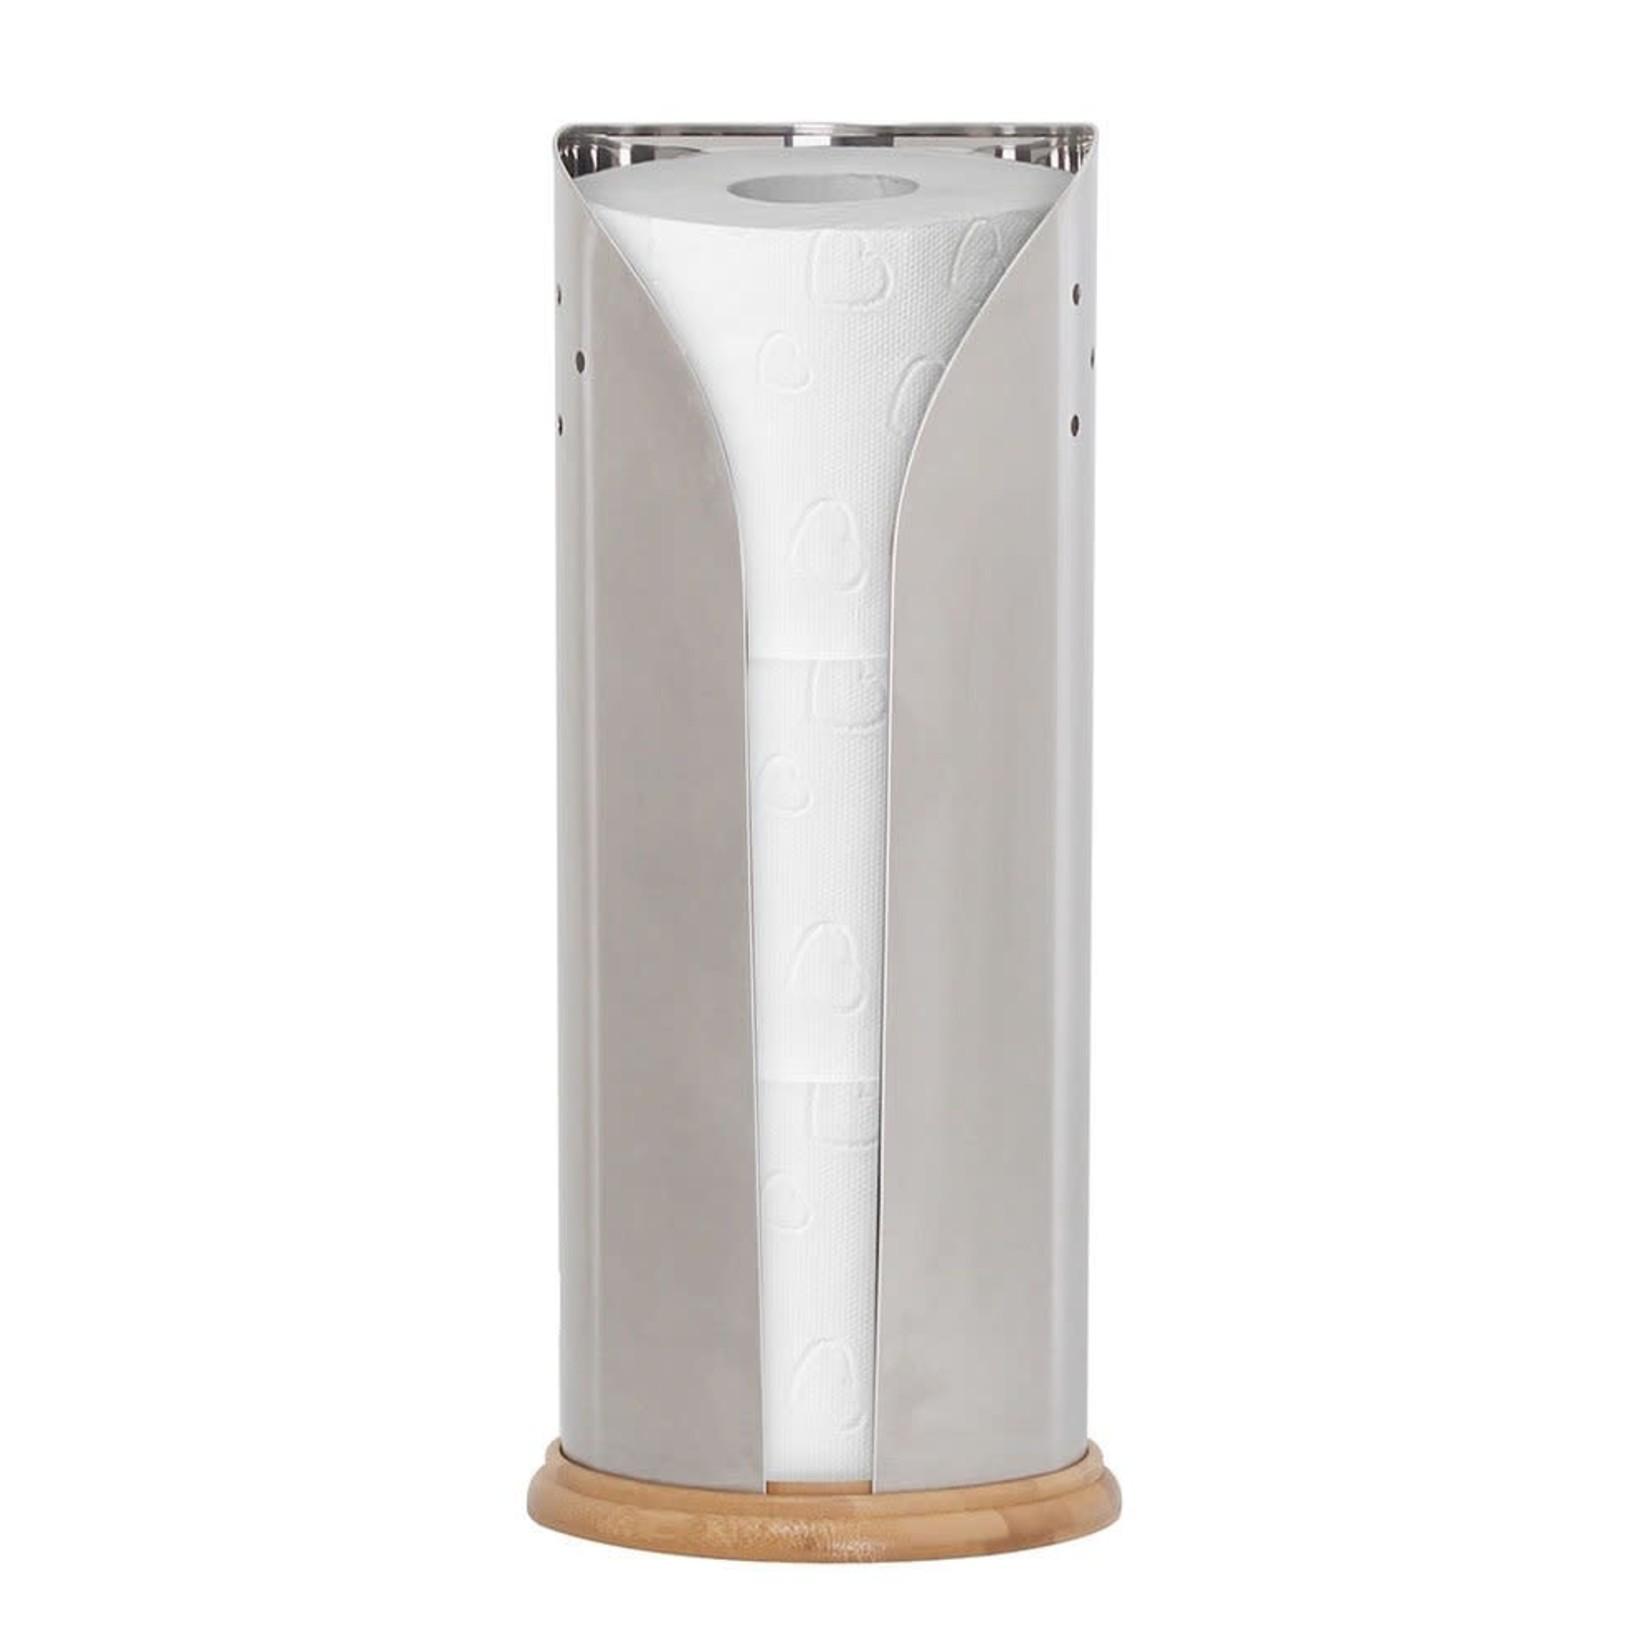 Eco Basics Eco Basics Toilet Roll Holder